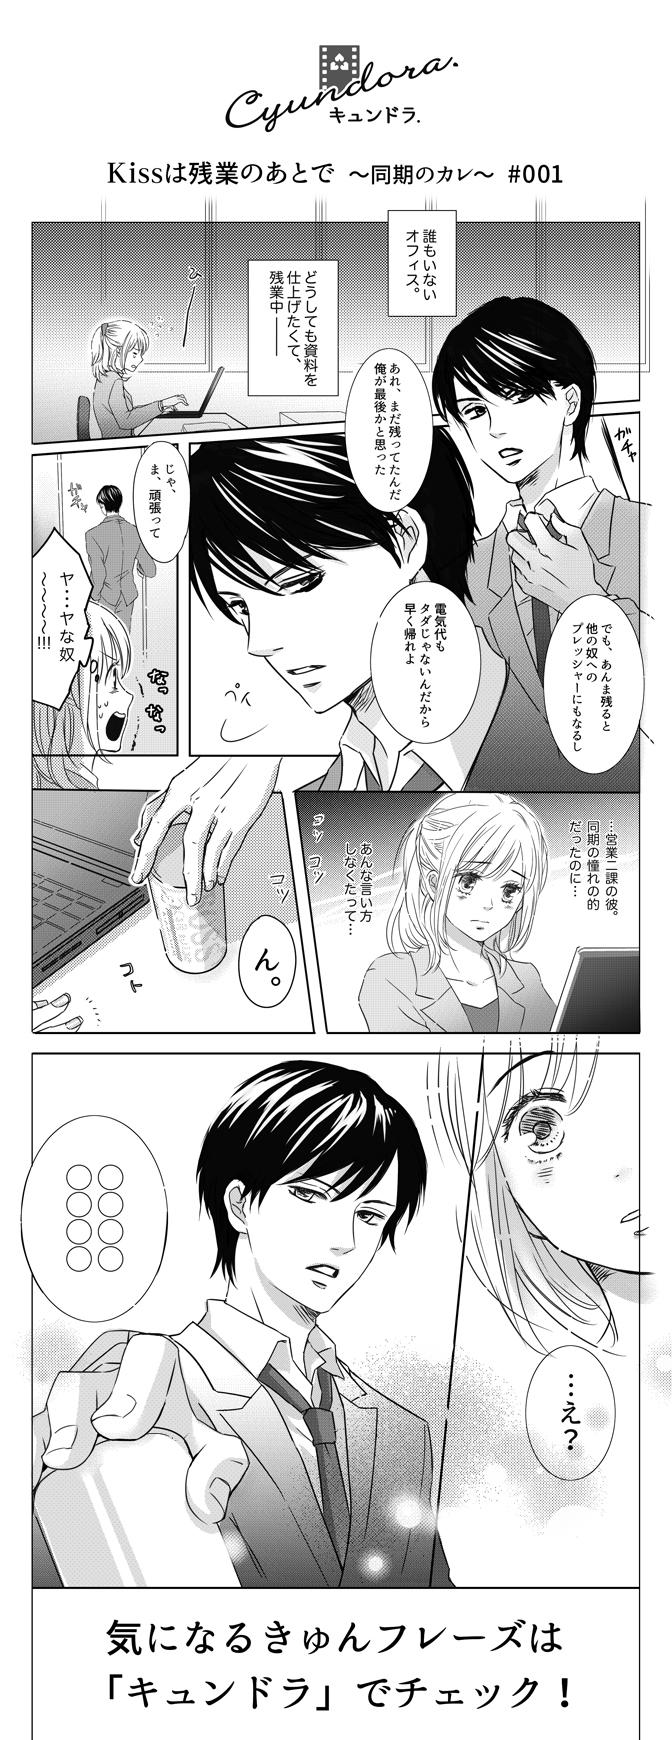 【妄想マンガ】Kissは残業のあとで ~同期のカレ~ #001